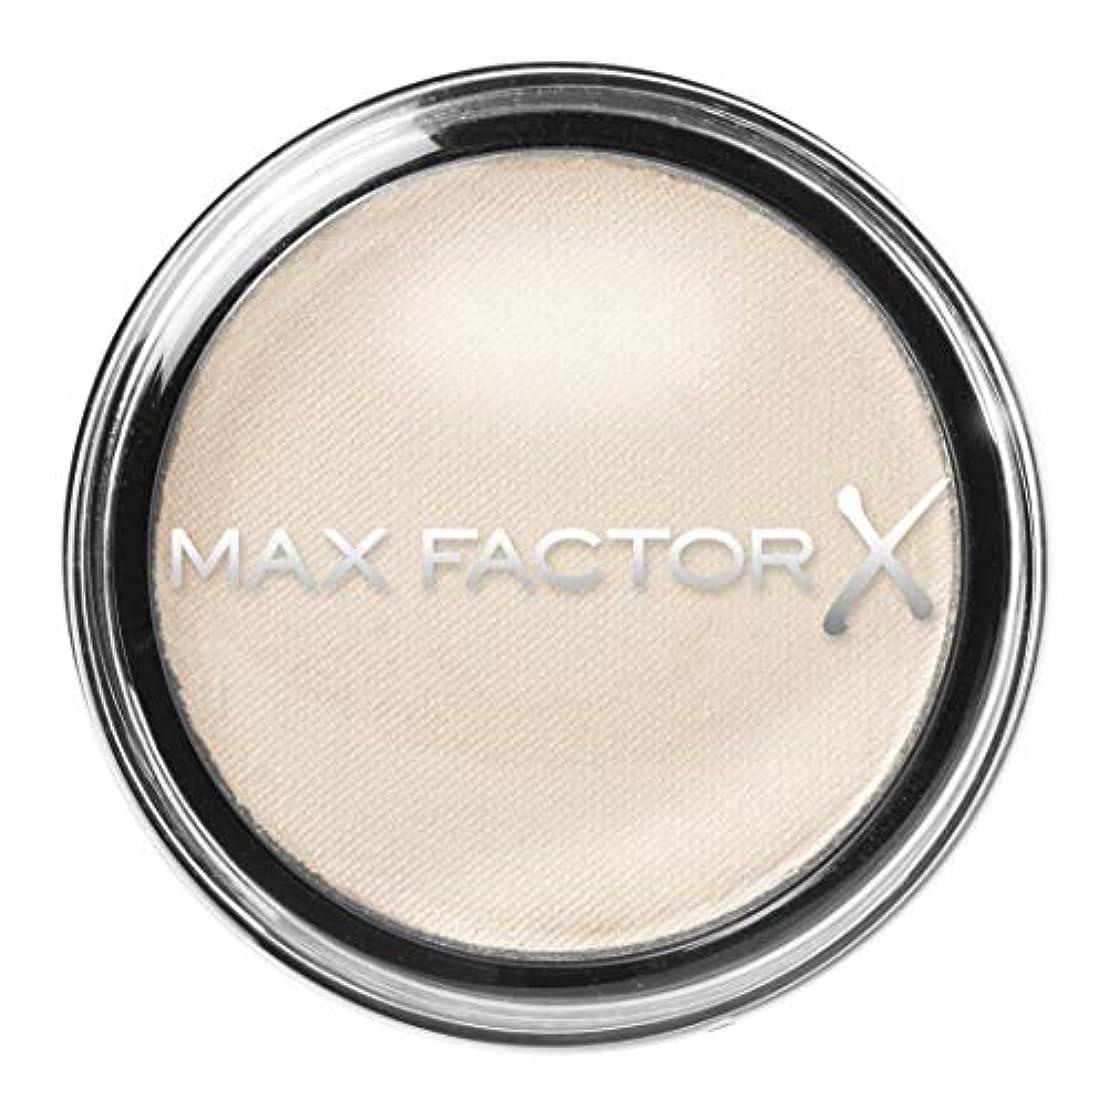 ハイジャック本当のことを言うと餌Max Factor Wild Shadow Pot - 101 Pale Pebble マックスファクターワイルドシャドウポット - 101淡い小石